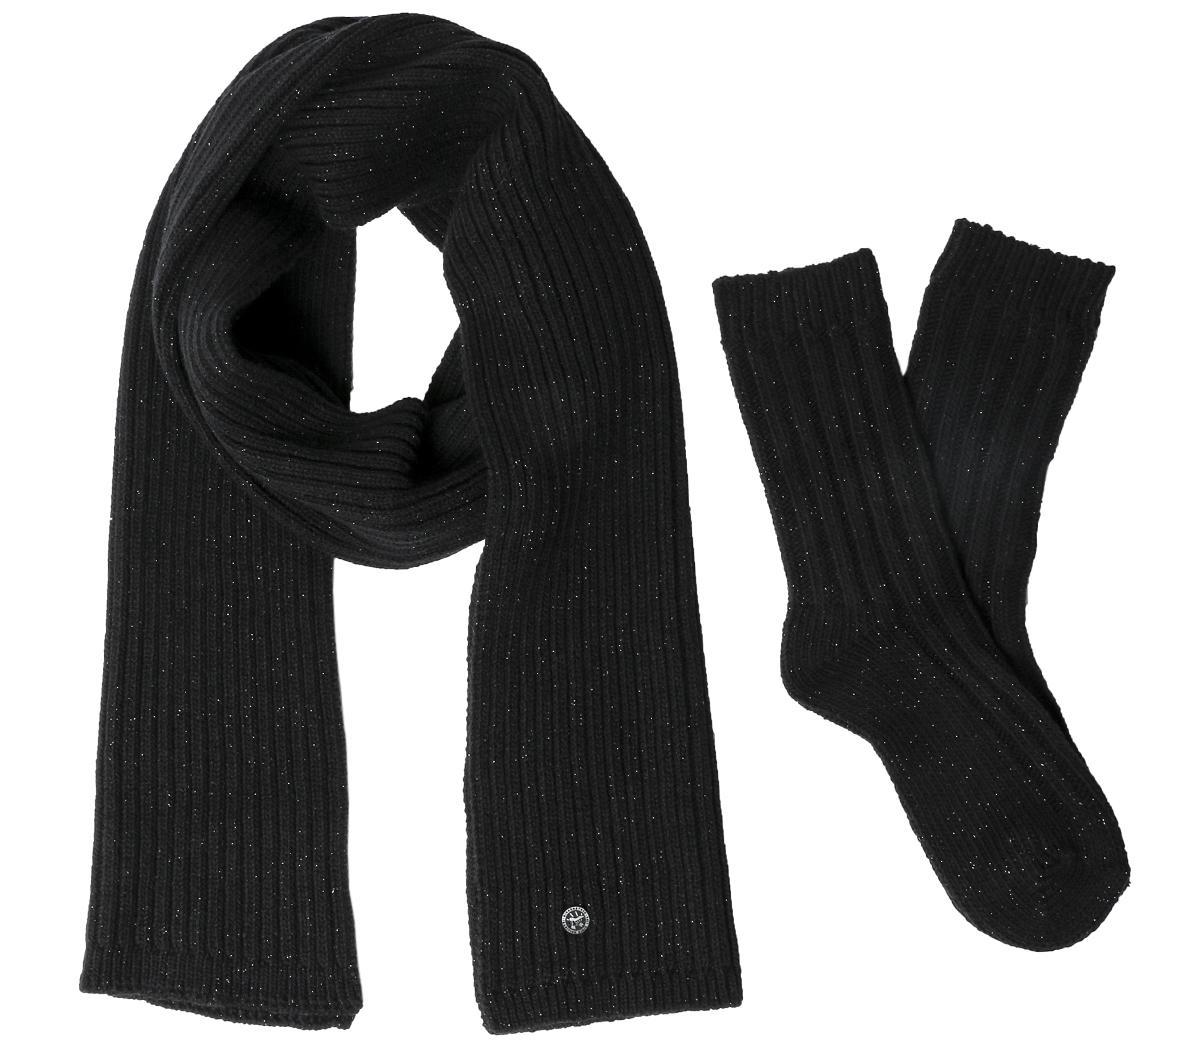 Bling Scarf & Socks Set